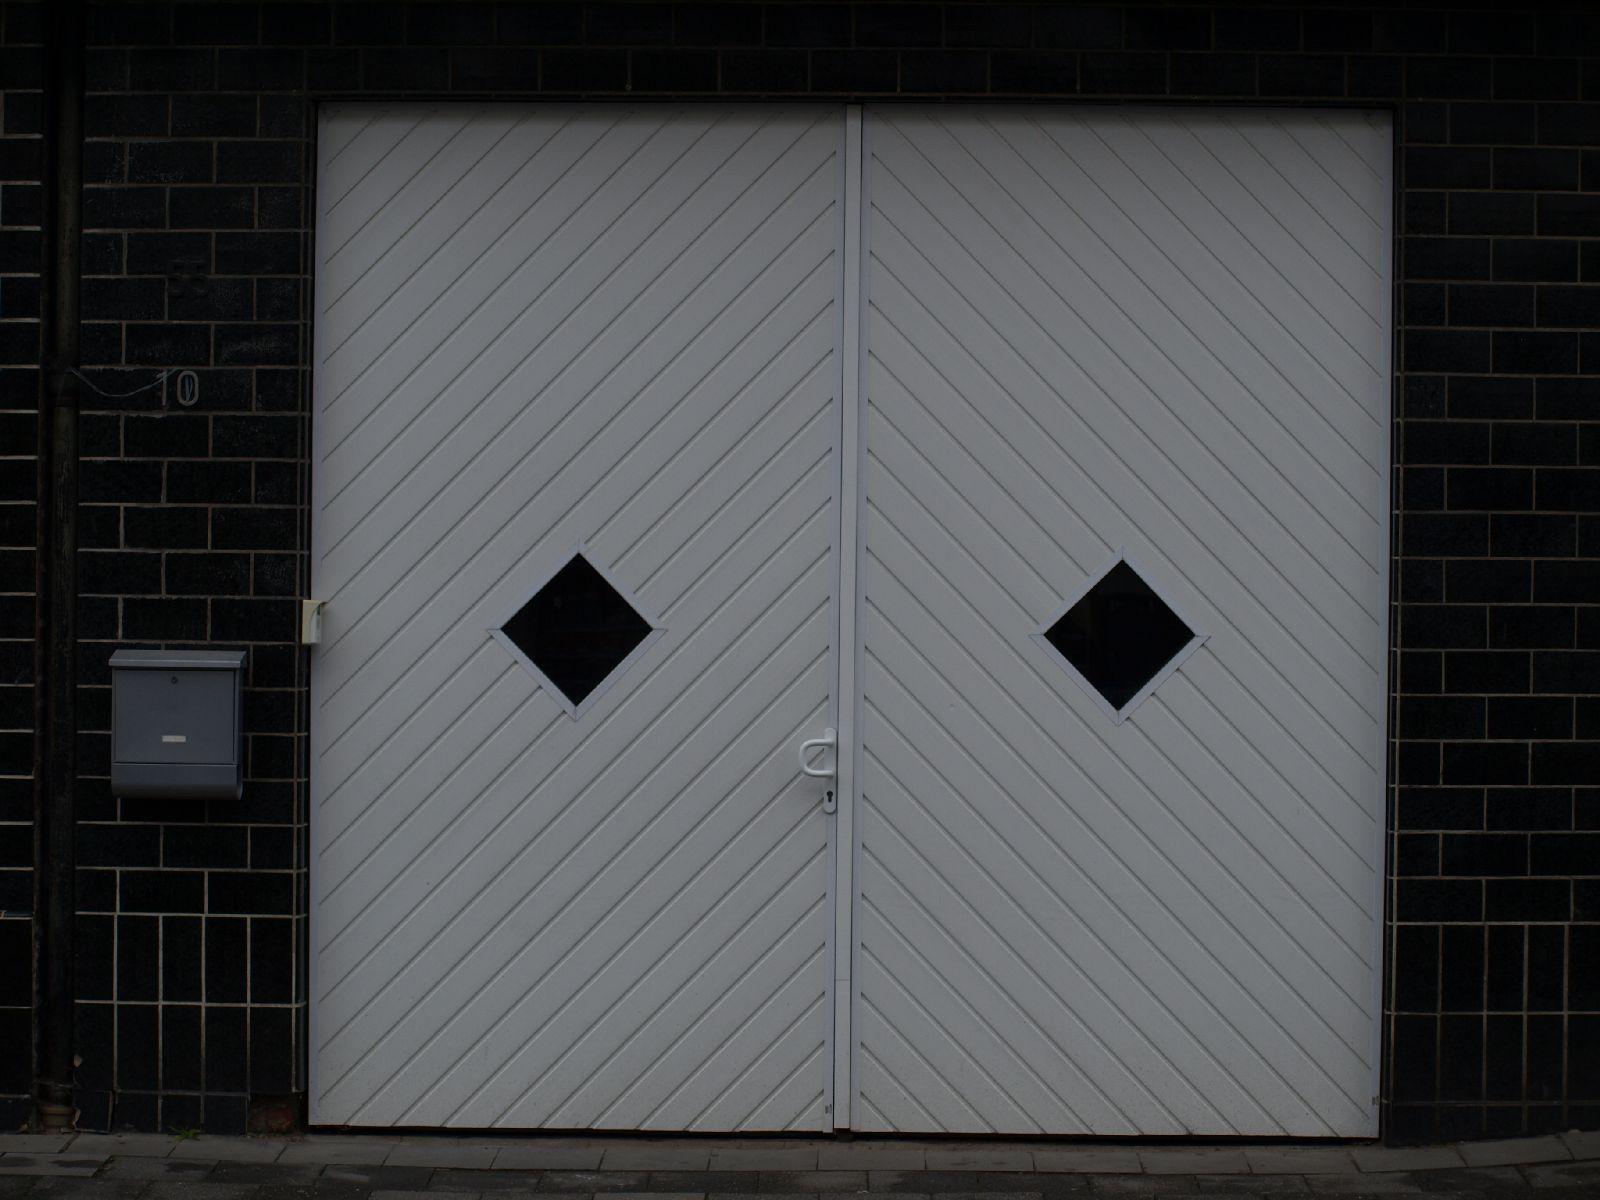 Building_Texture_A_P6167850